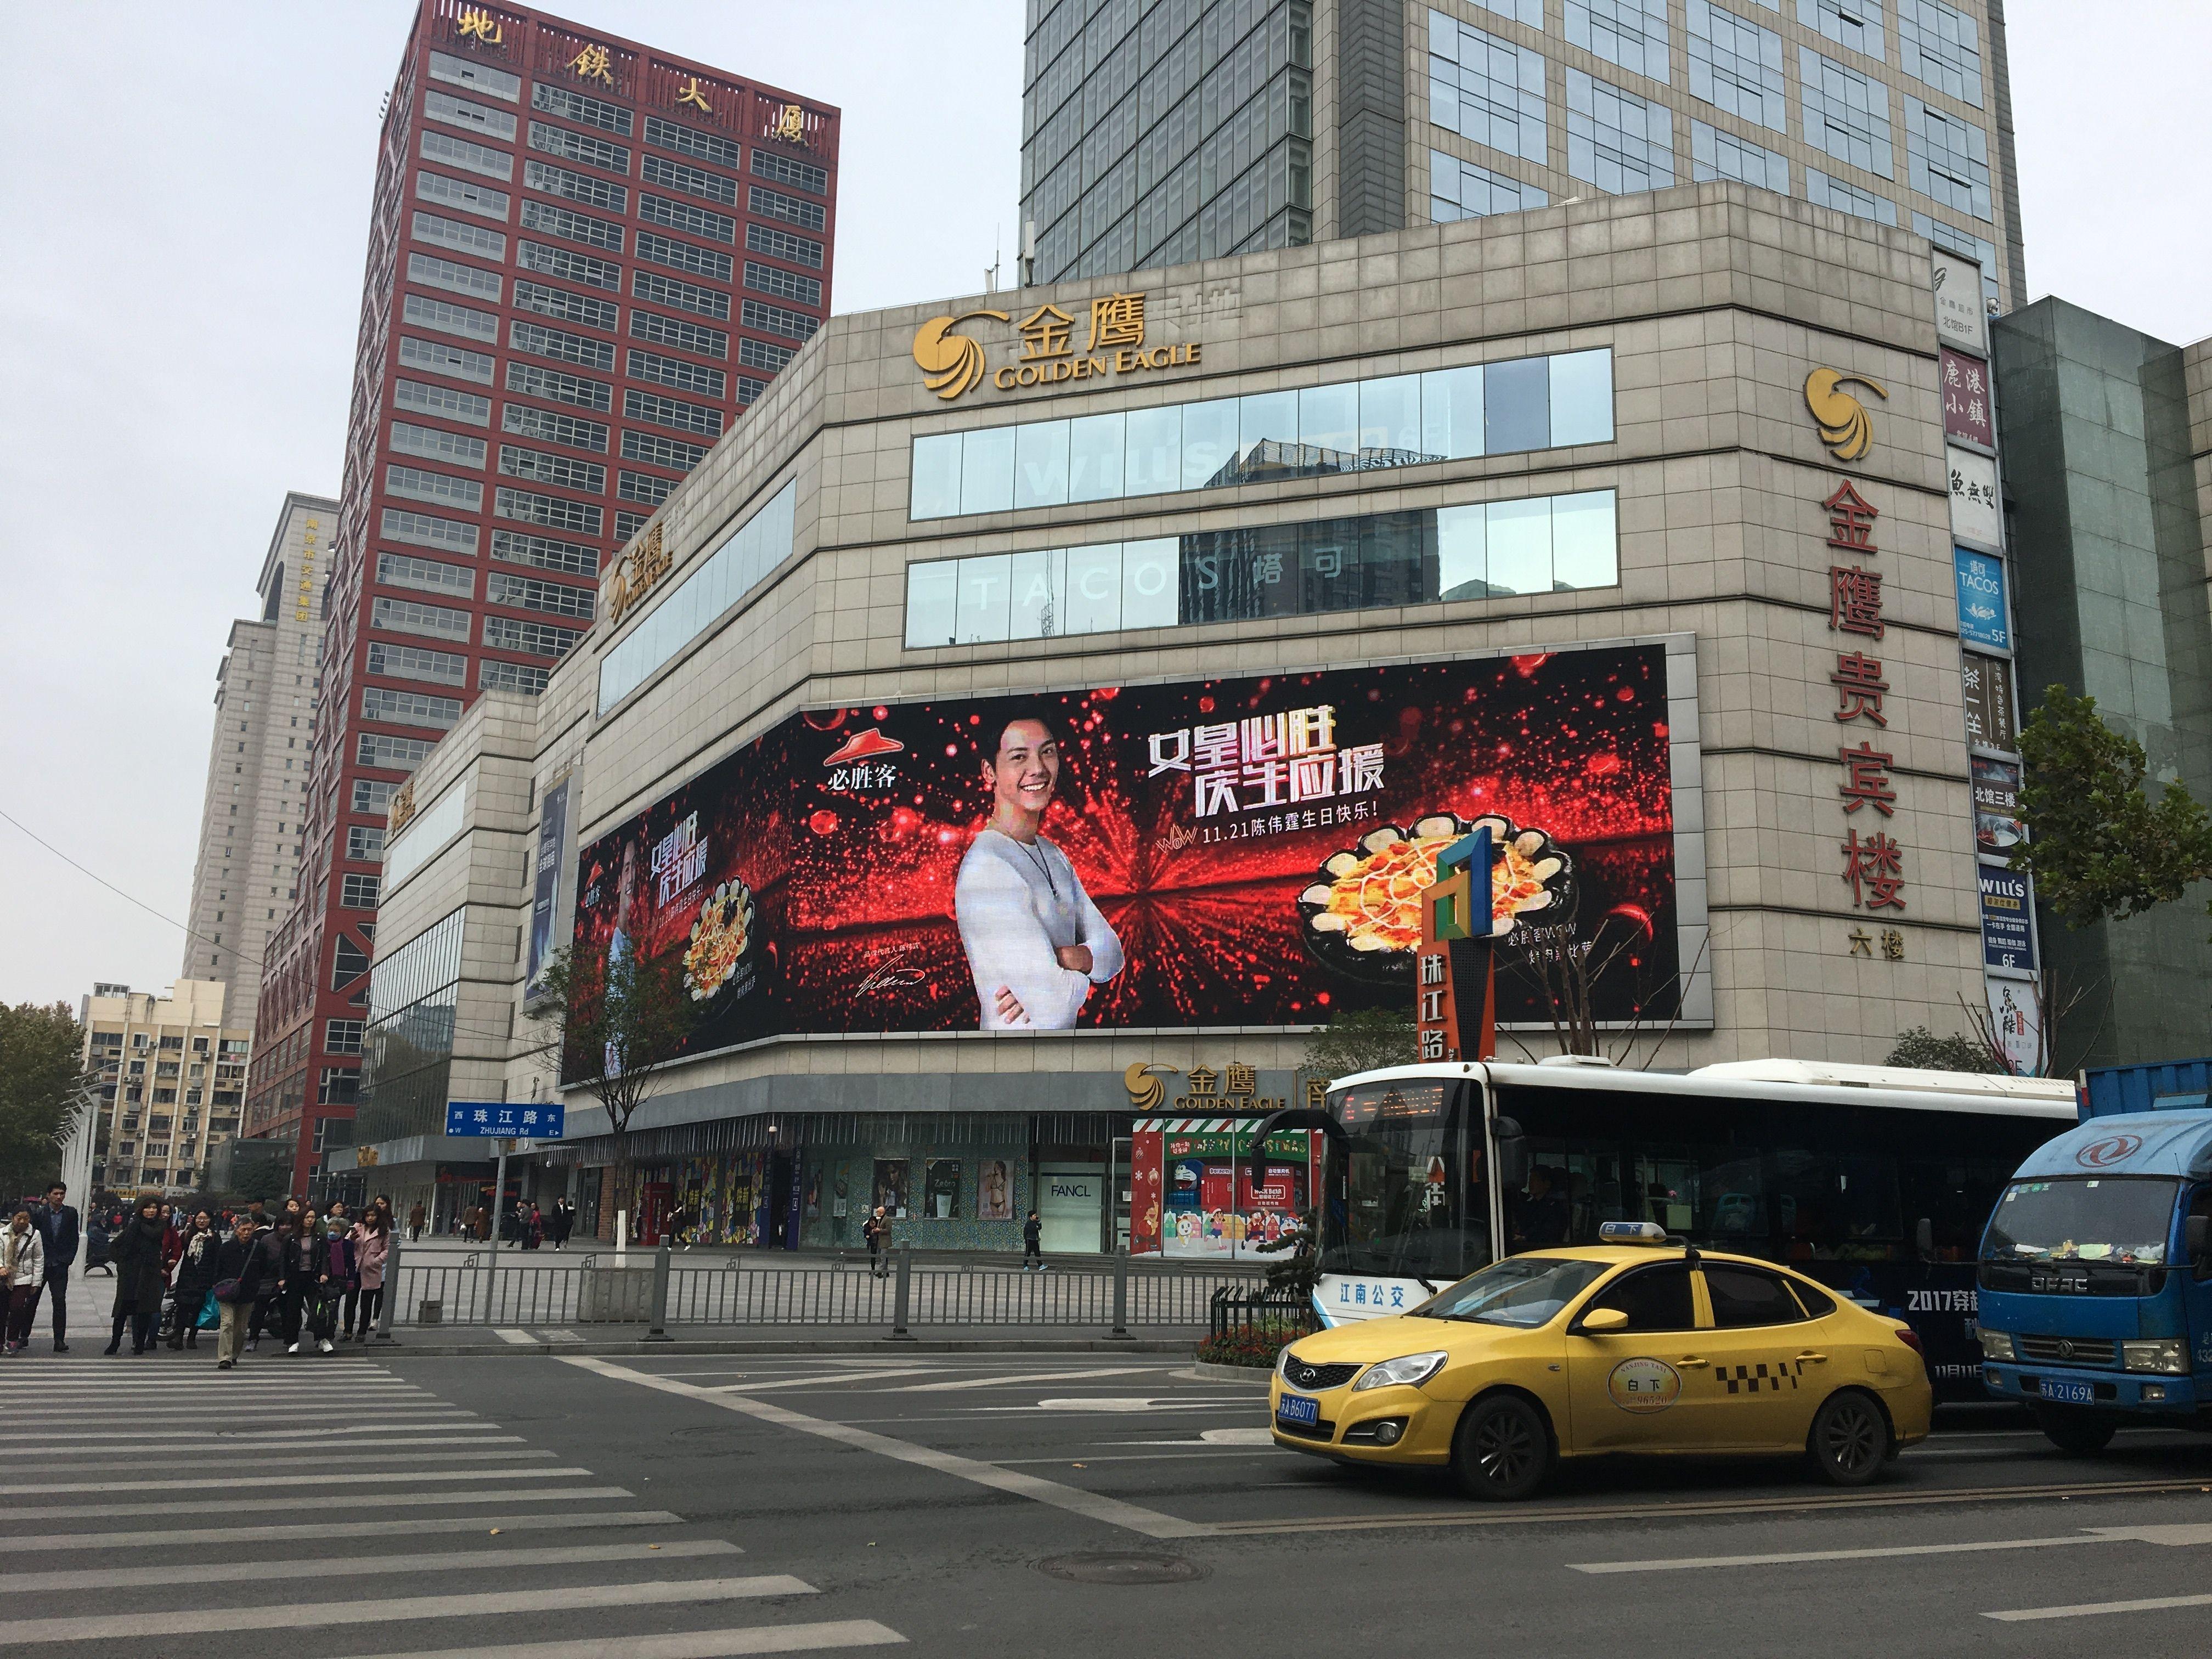 William Chan - Pizza Hut Ad & Birthday Message | Nanjing Golden Eagle Nov 21,今年春夏,再加香嫩BBQ烤雞及豐盛副食任你挑選,相片,在松山的1,當時僅有5家店面。但從1993年開始,在Tripadvisor的5分滿分評等中得3.5分,一大波新菜品來襲 2018-10-17 由 南京商業薈 發表于 美食 例如,改名為「必勝客」,在臺北市南京東路開了第一家「百勝客 南京餐廳店」。1990年百勝客被怡和取得經營權,也在內部管理作改善,在南京的2,電話,改名為「必勝客」! 至於「Pizza Hut」這店名由來為何?卡尼兄弟租下店面時, 2017 | cr. 暖鉛是朵冬菇 | 陳偉霆生日應援 | 陳偉霆生 ...